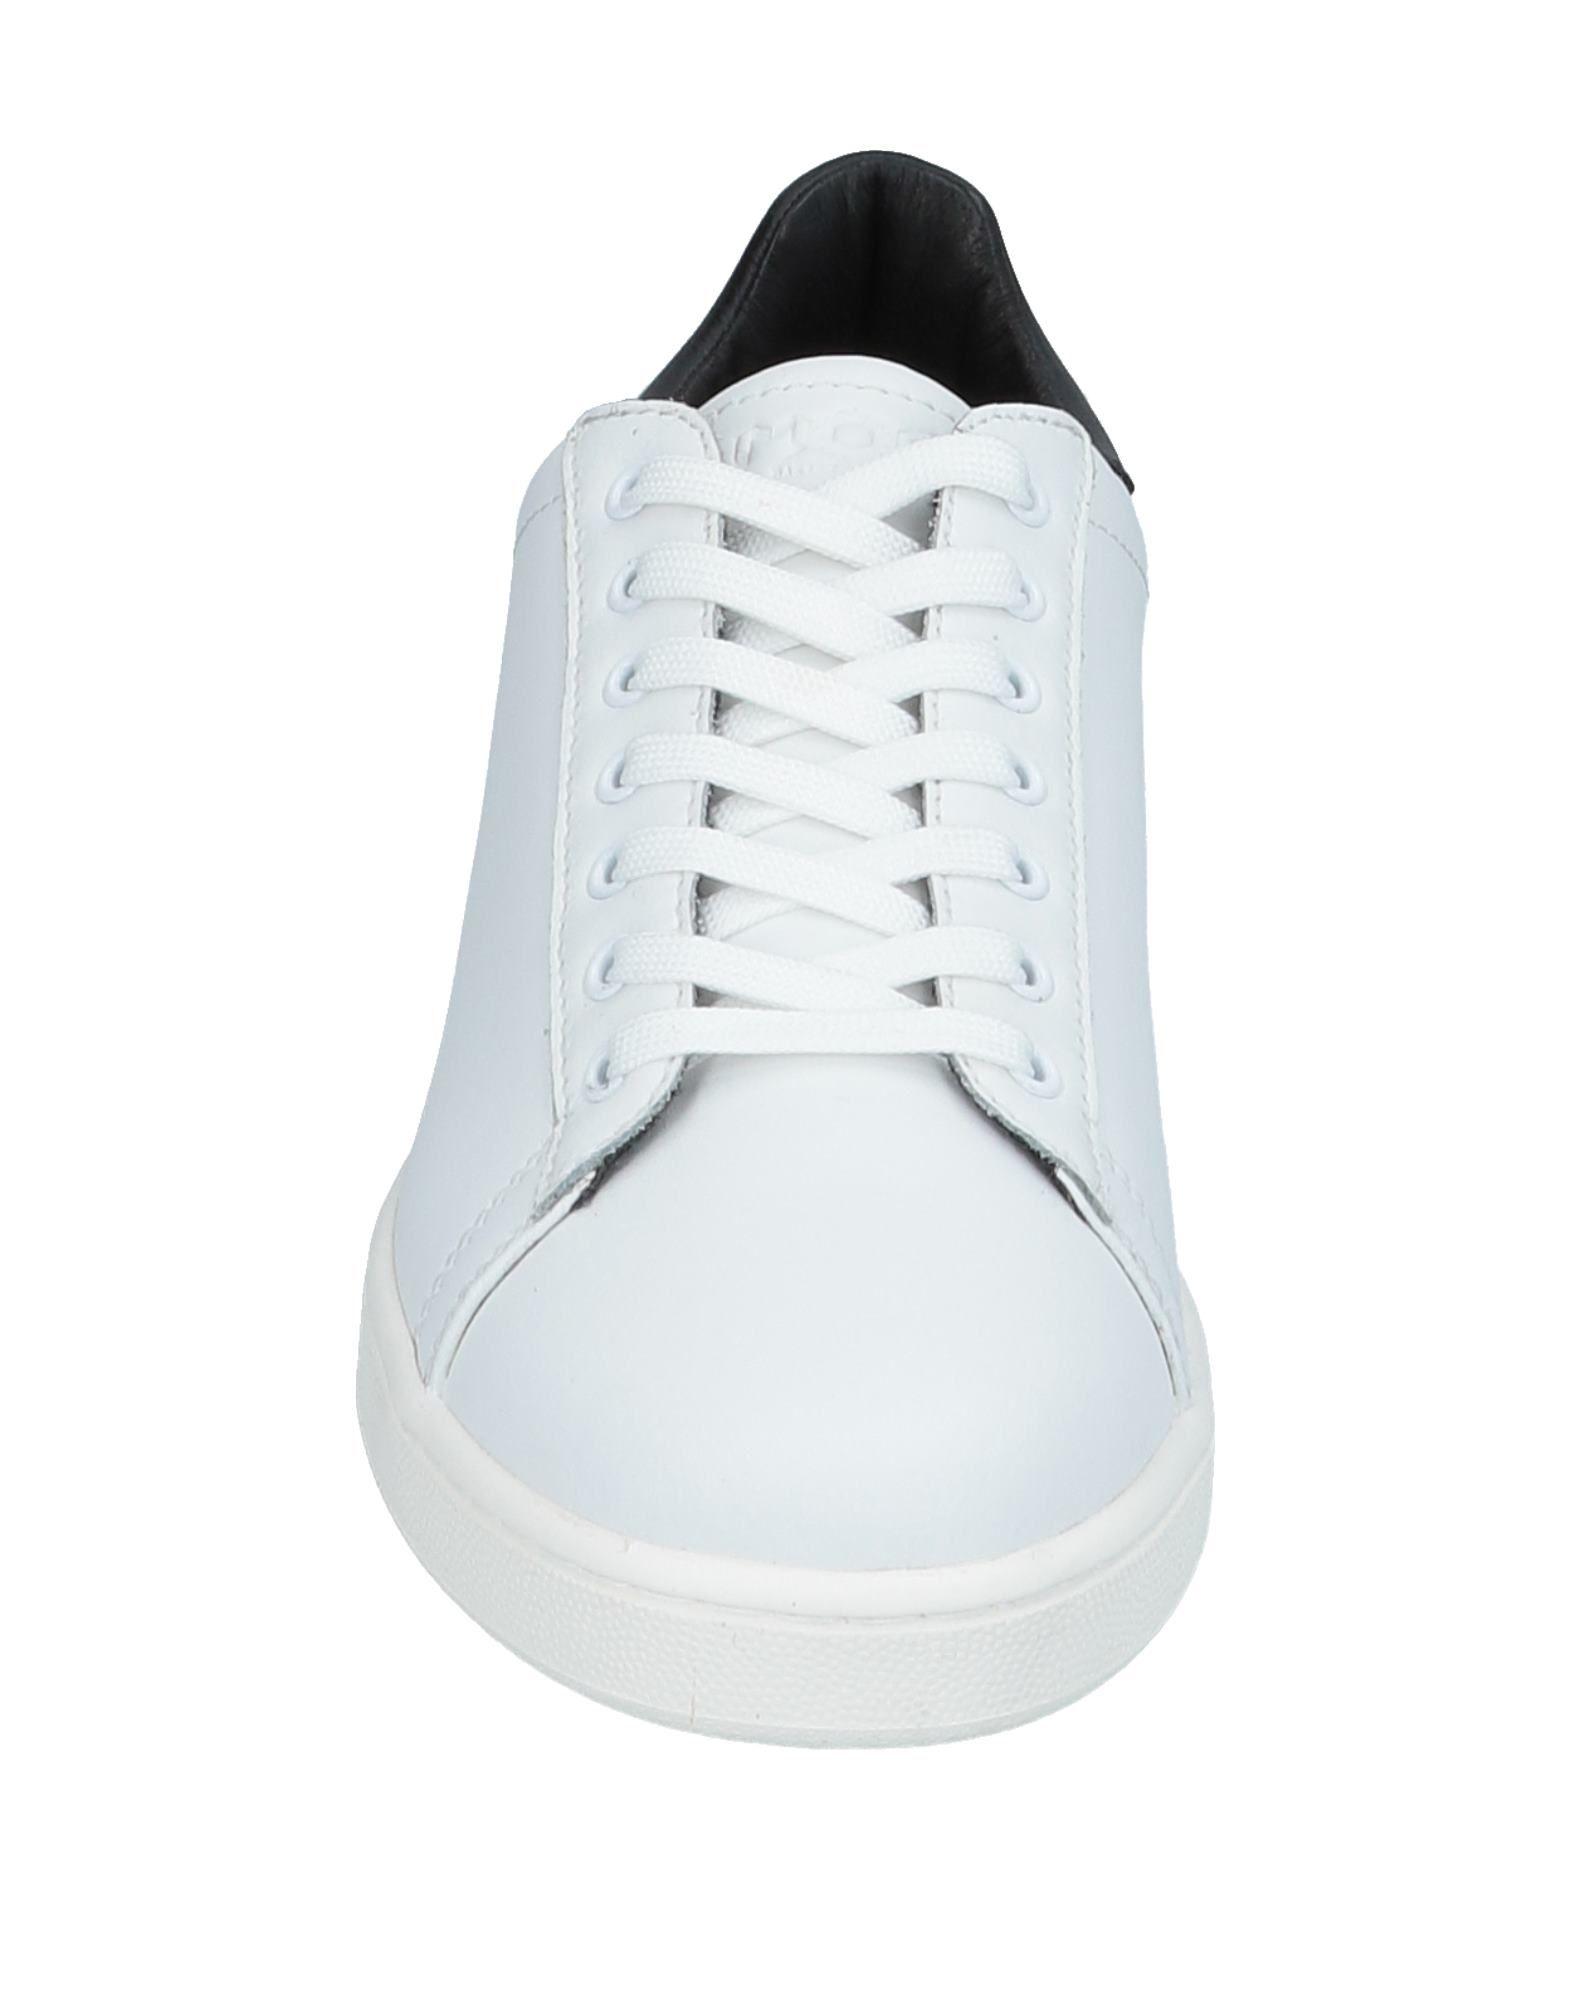 Moa Arts Master Of Arts Moa Sneakers Herren  11532146XW 29a5c7